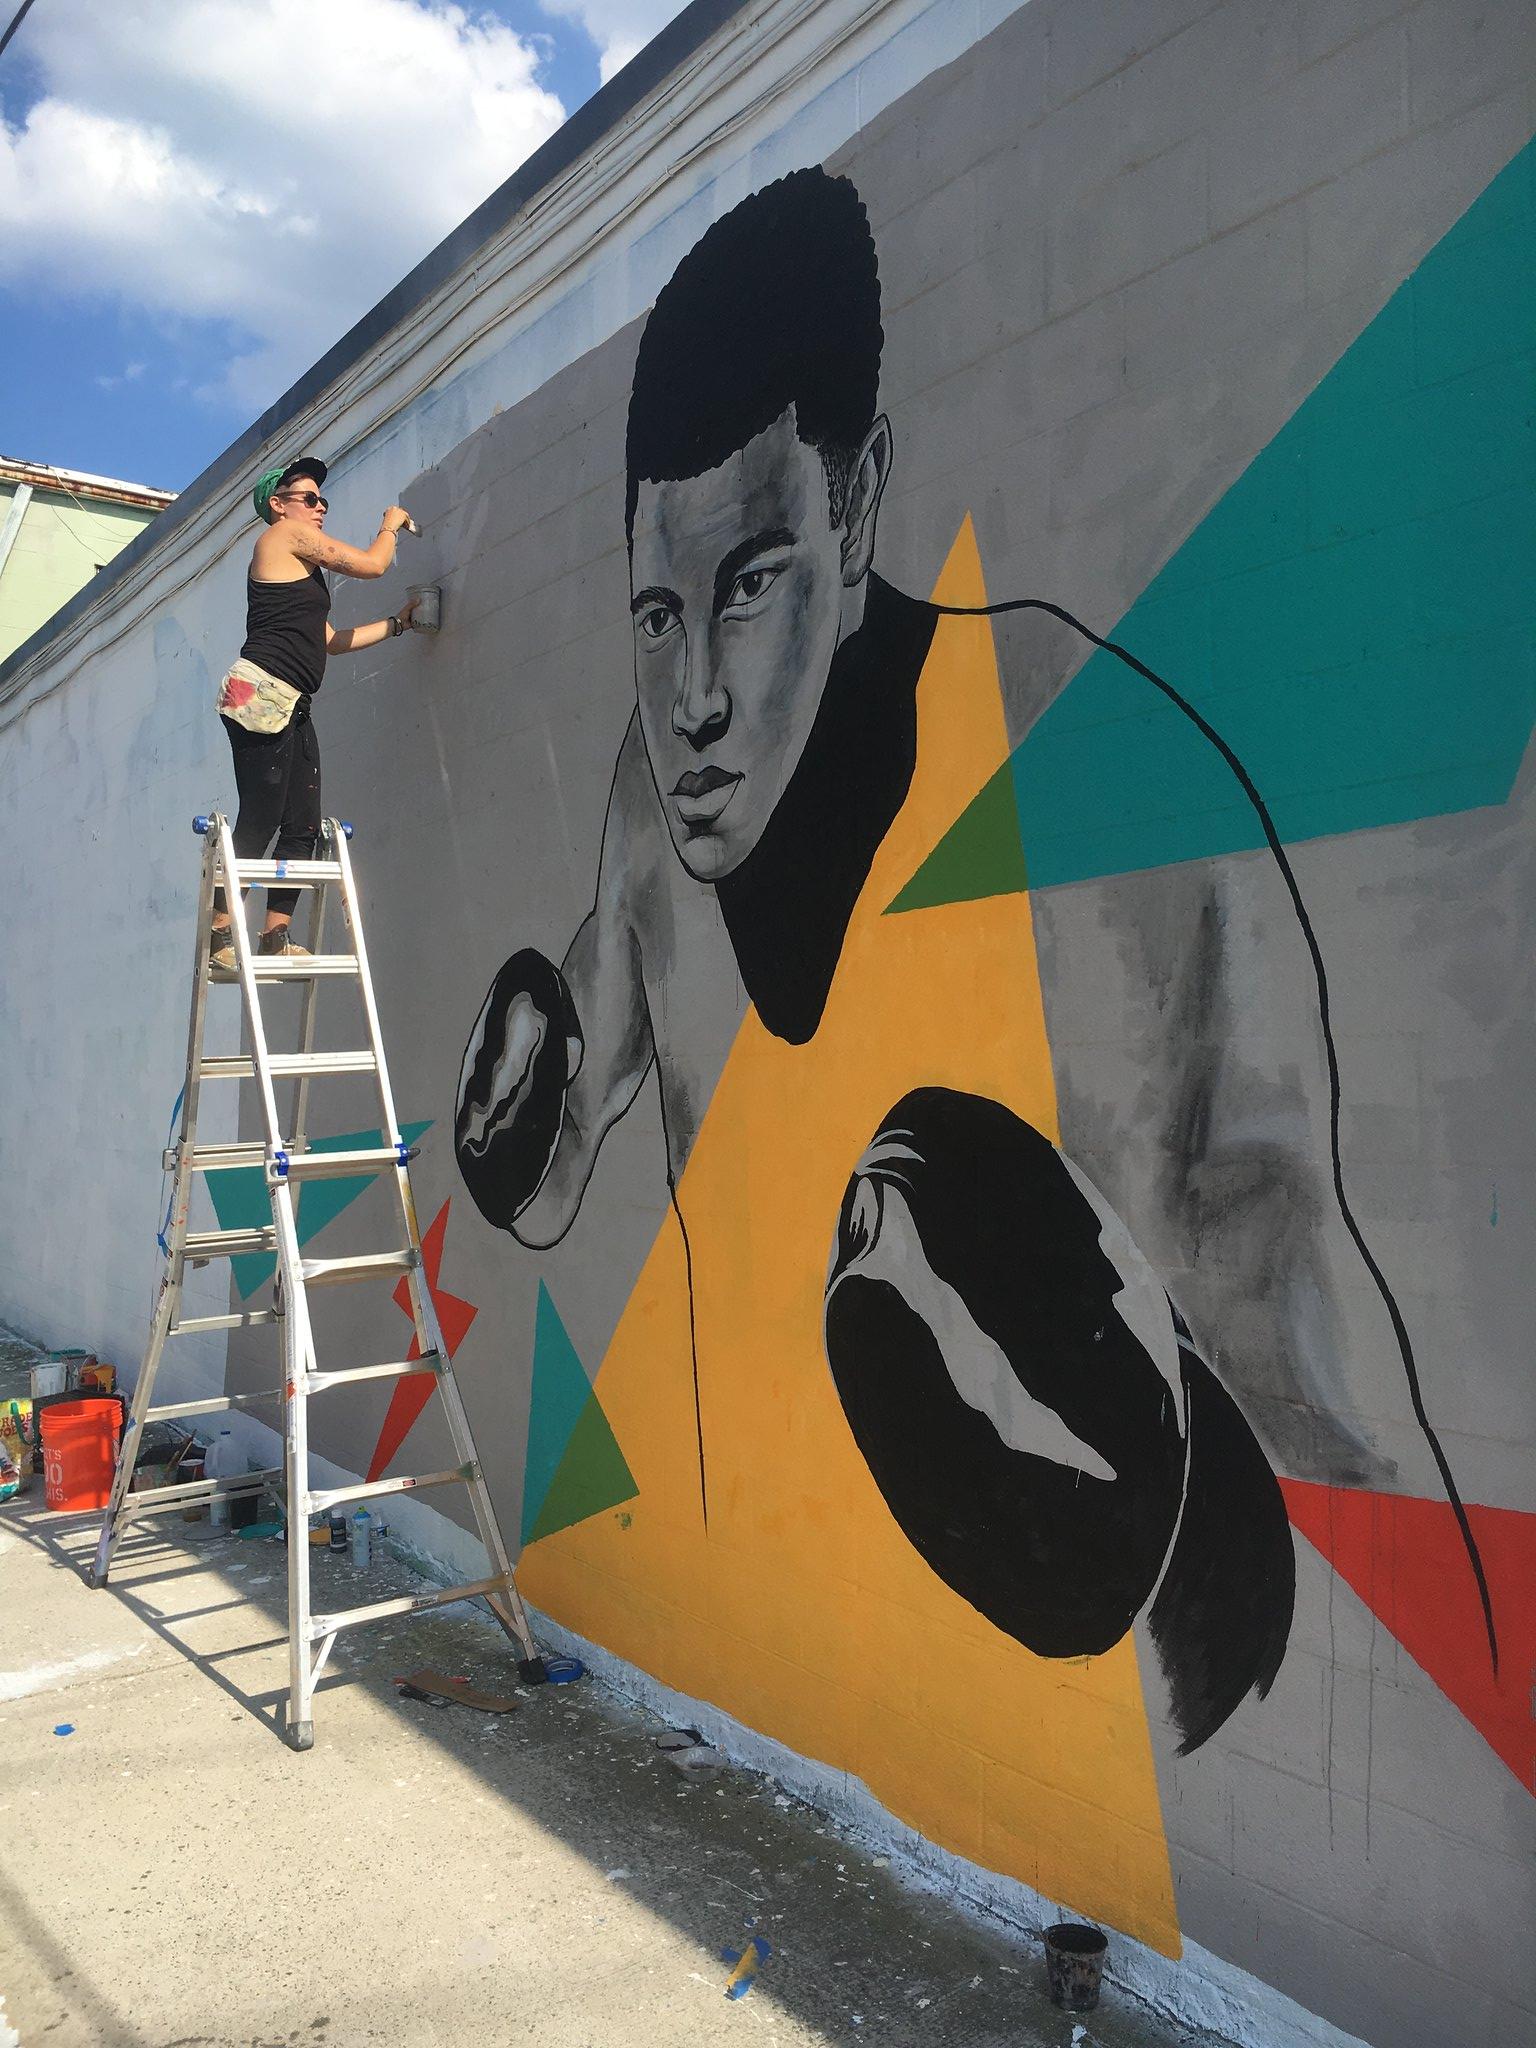 Muhammad Ali mural by Rose Jaffe